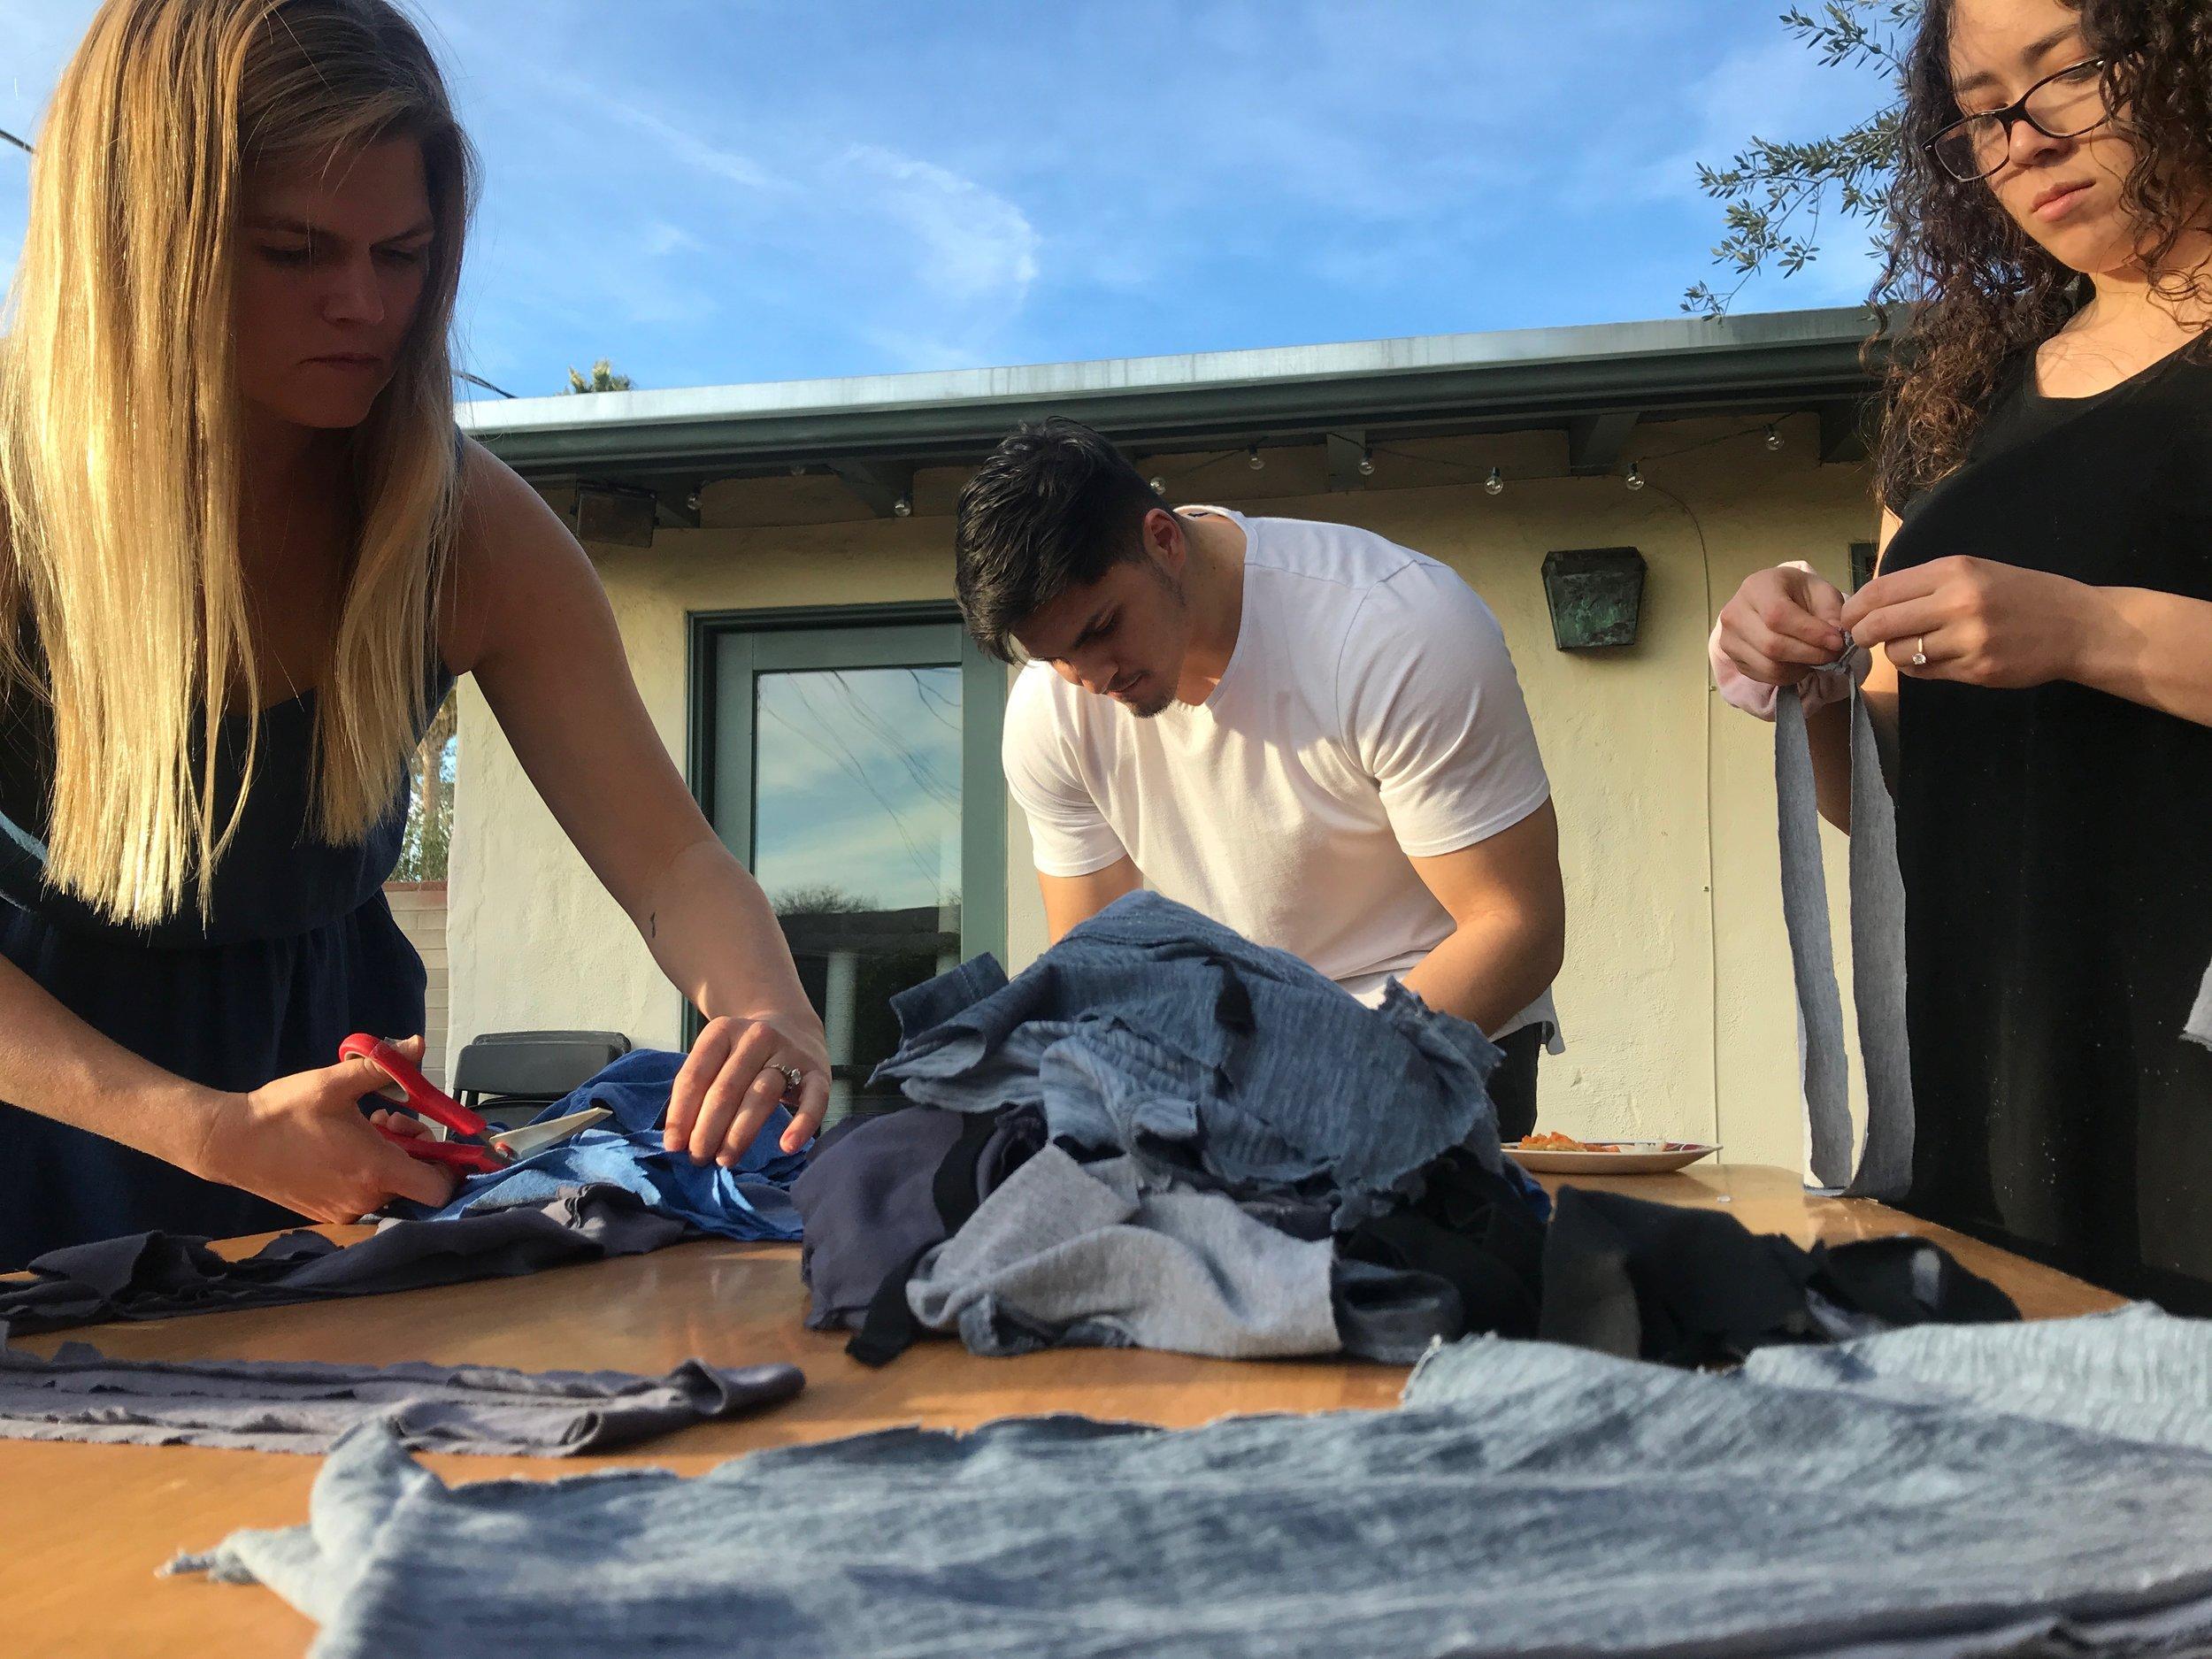 Zero Waste Textiles Event in Tucson, AZ